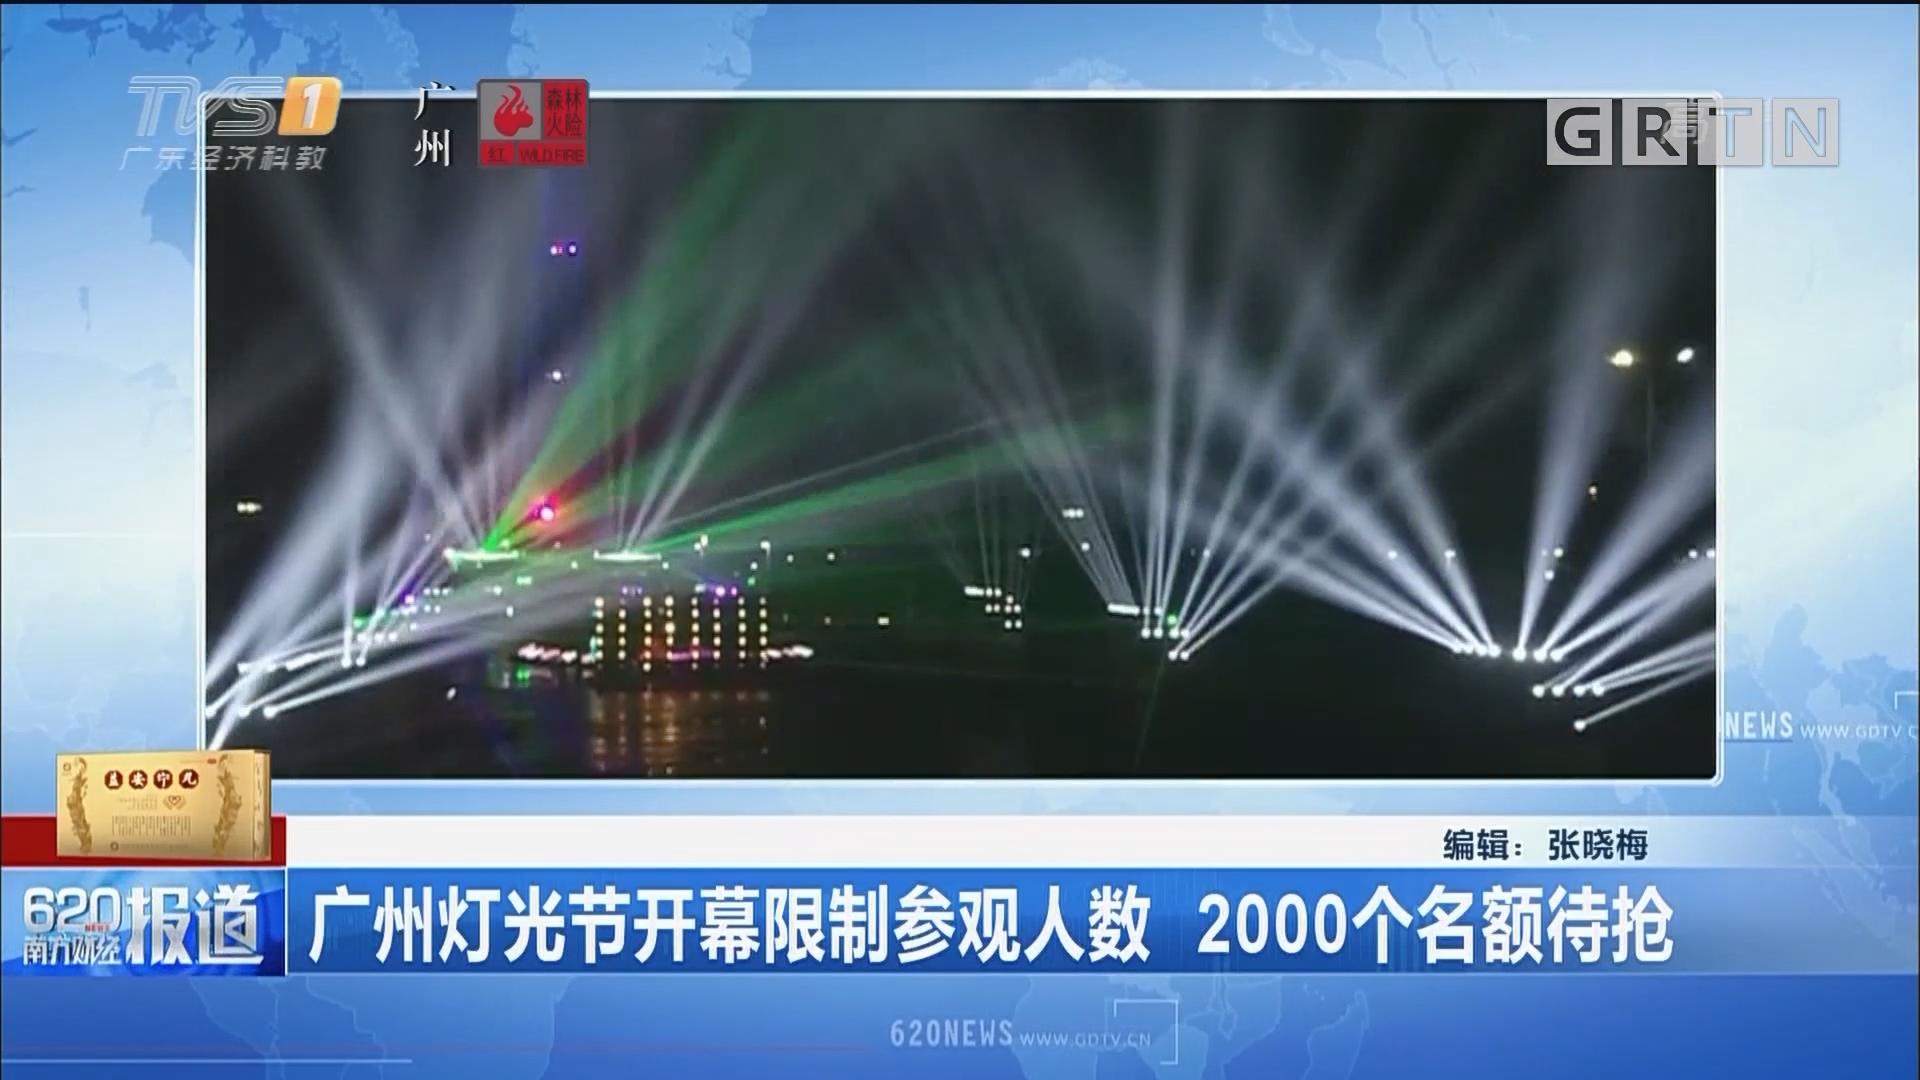 廣州燈光節開幕限制參觀人數 2000個名額待搶